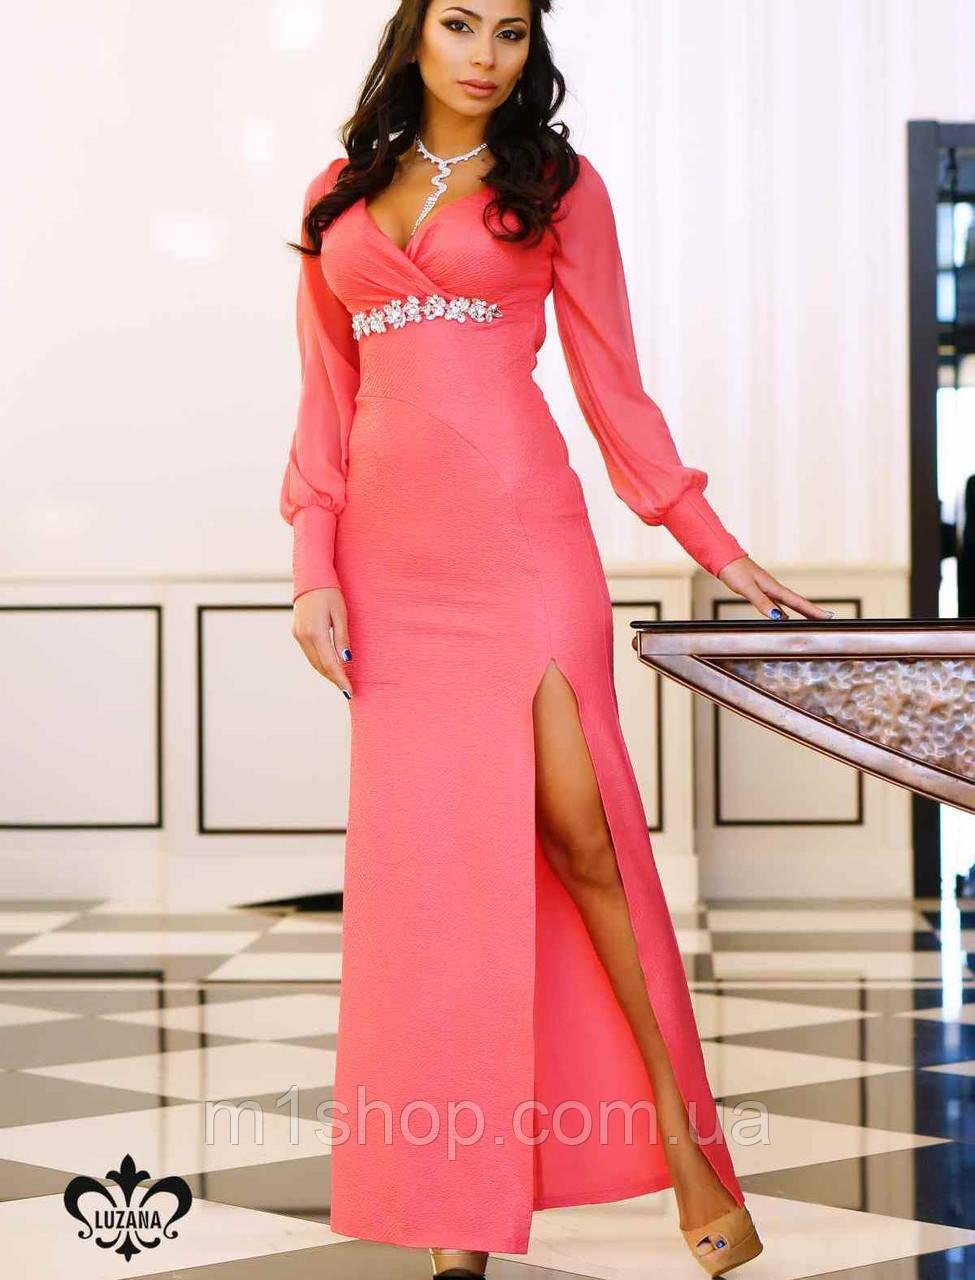 Торжественное платье | Элисон lzn